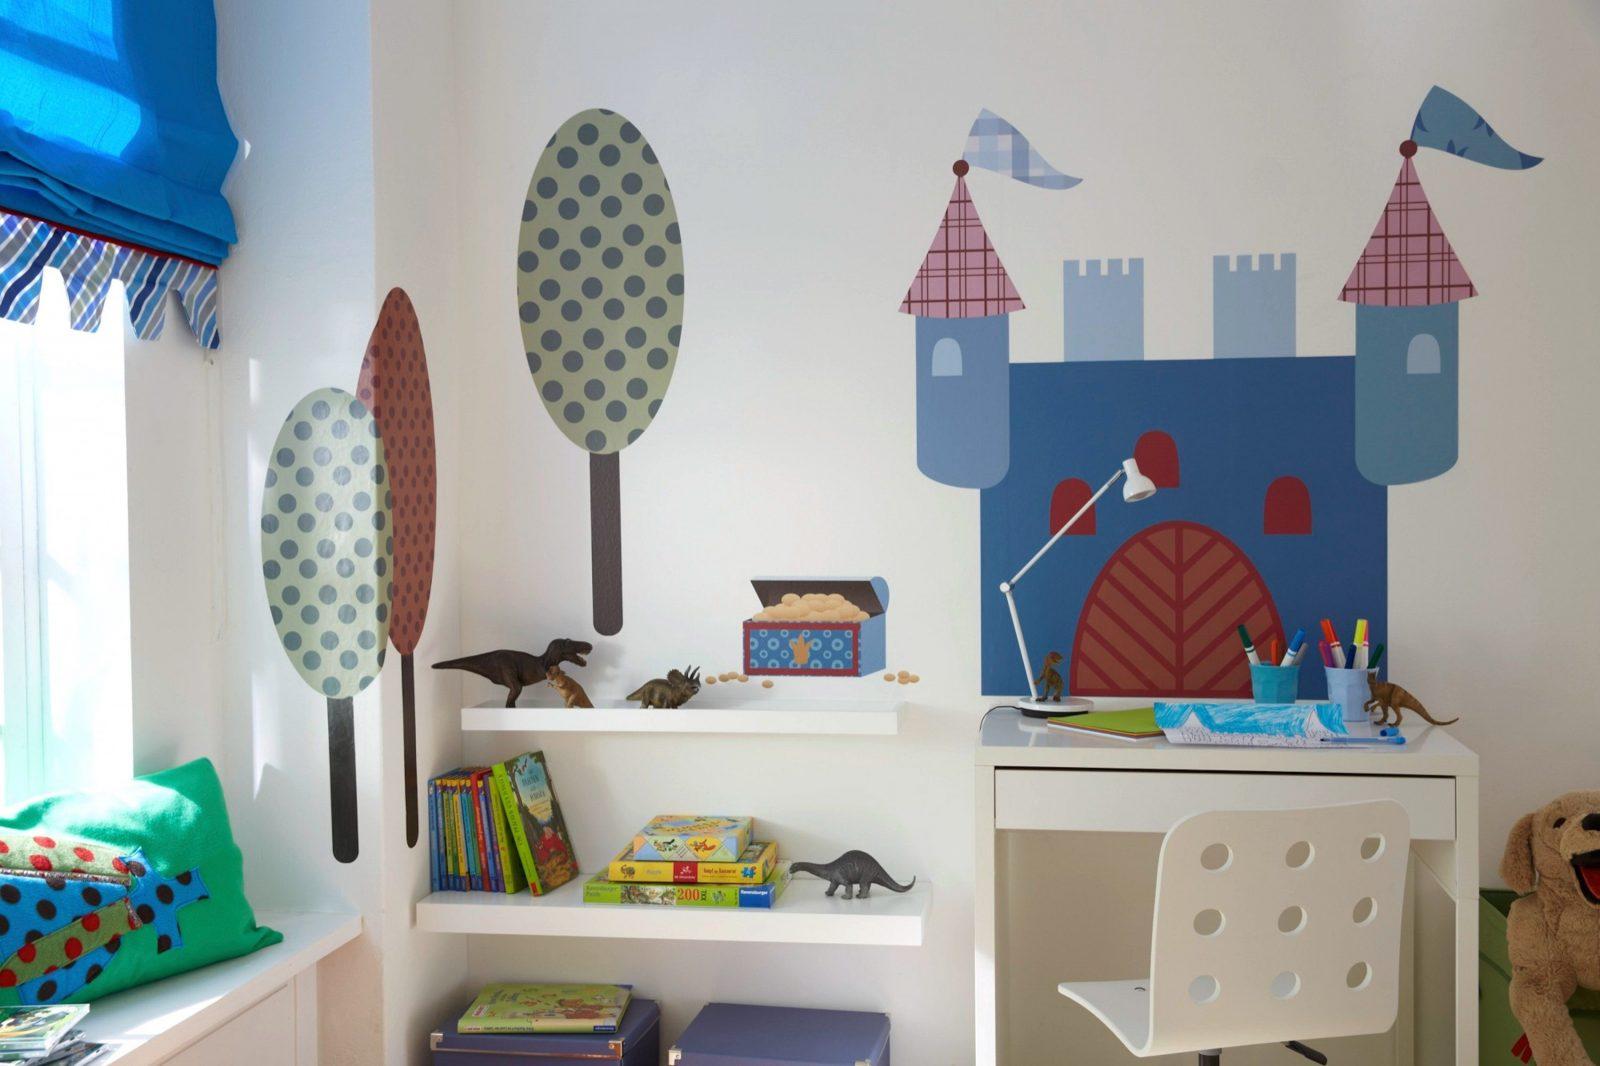 Kinderzimmer junge ideen vitaplaza von sch ne for Schone zimmer ideen